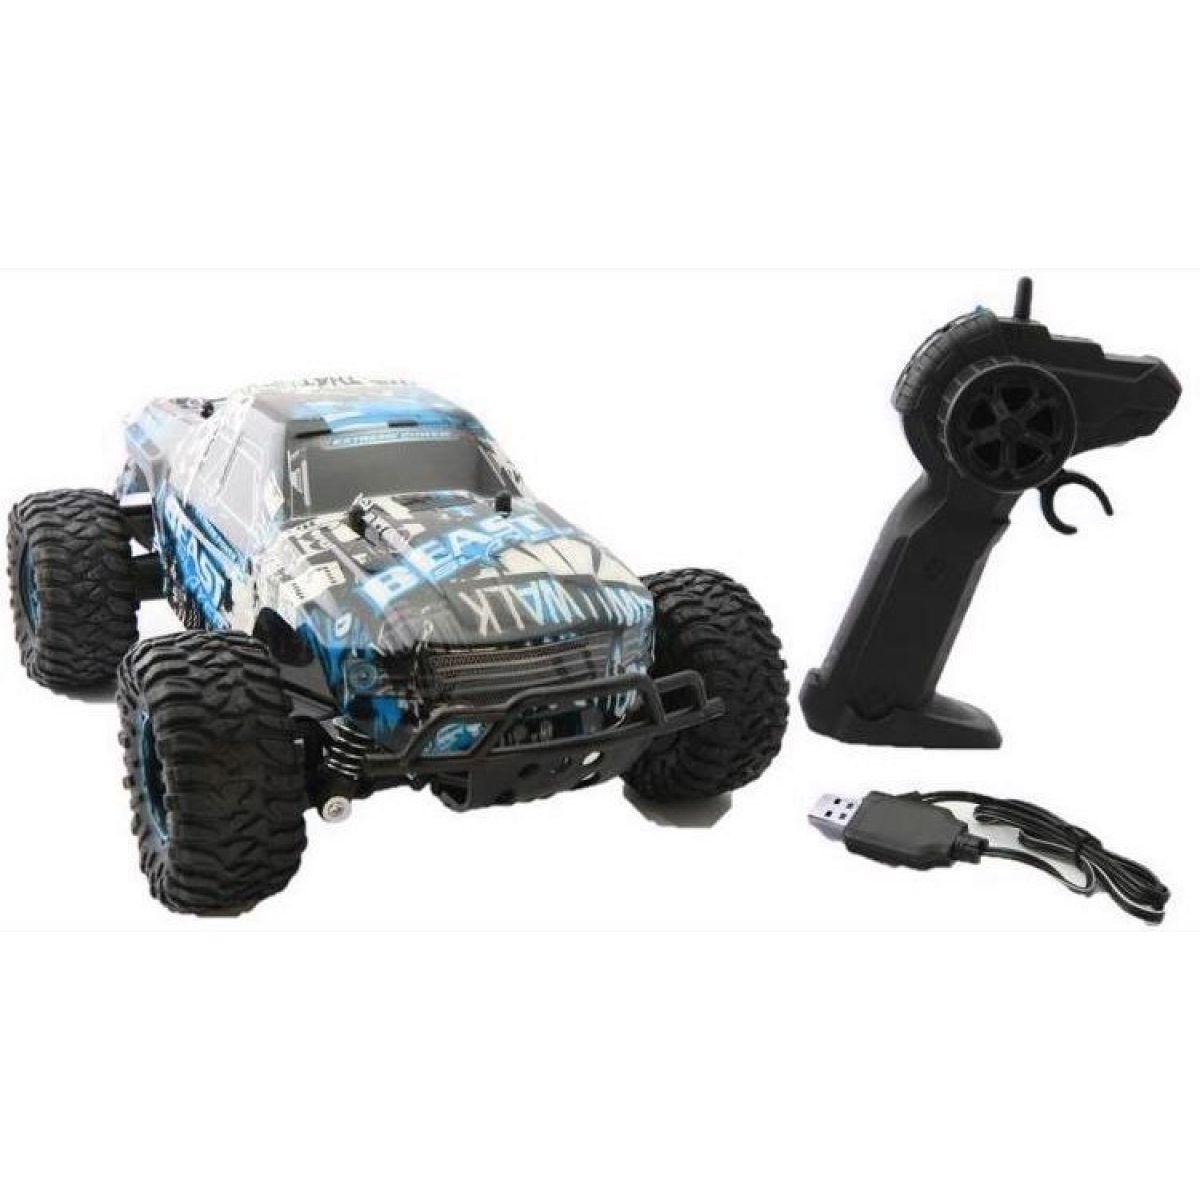 Alltoys RC auto 1:16 rychlostní buggy modrá